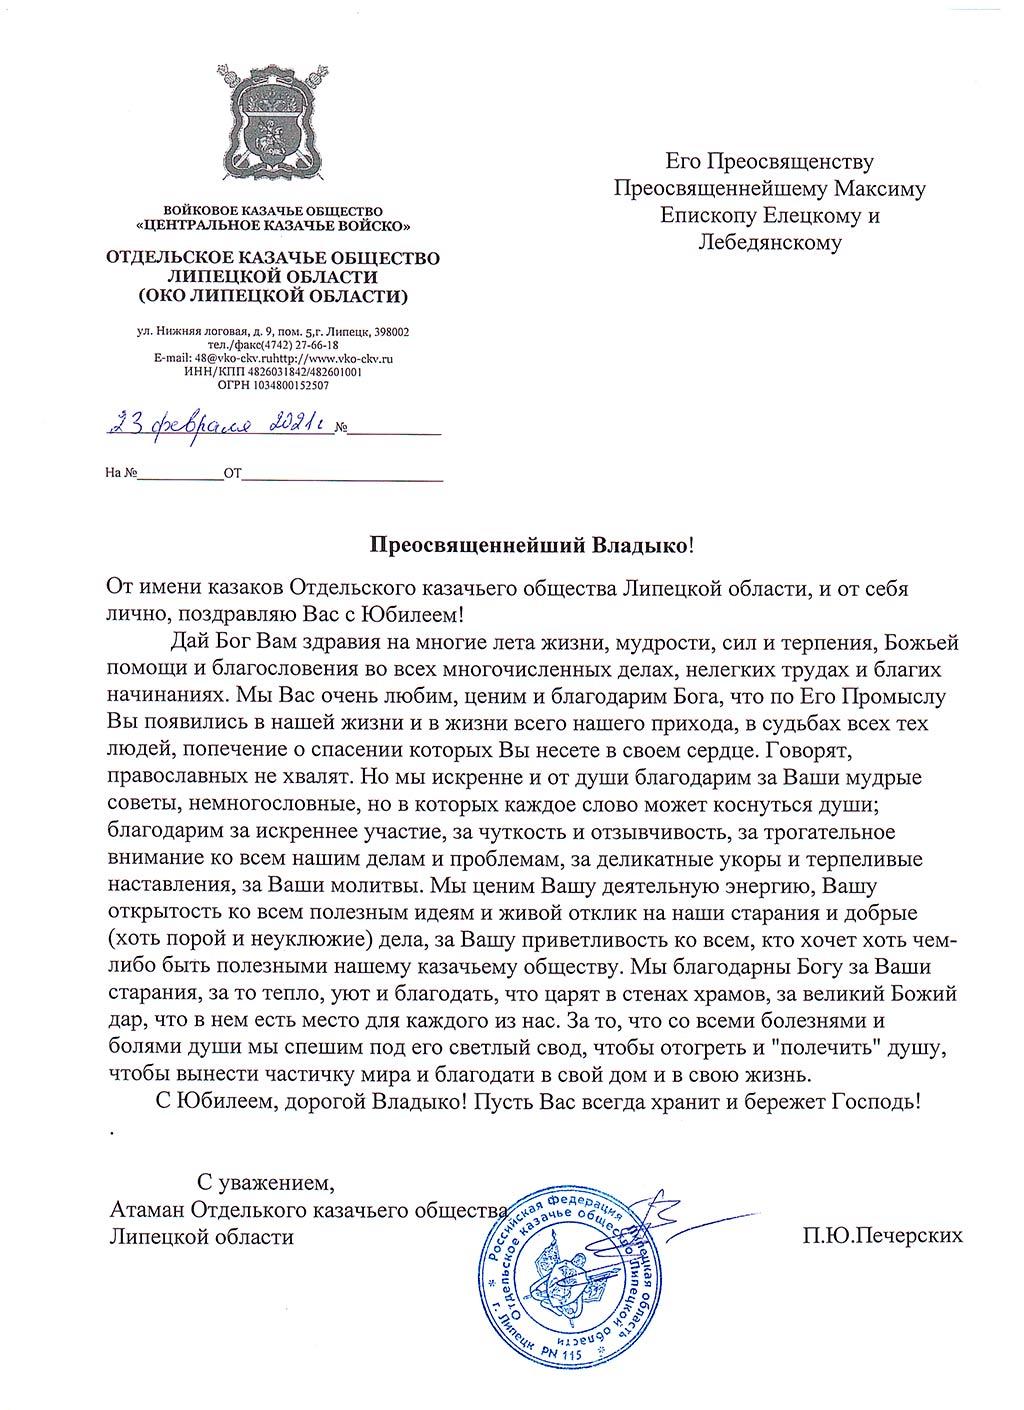 Поздравление епископа Максима c 60-летием казаками